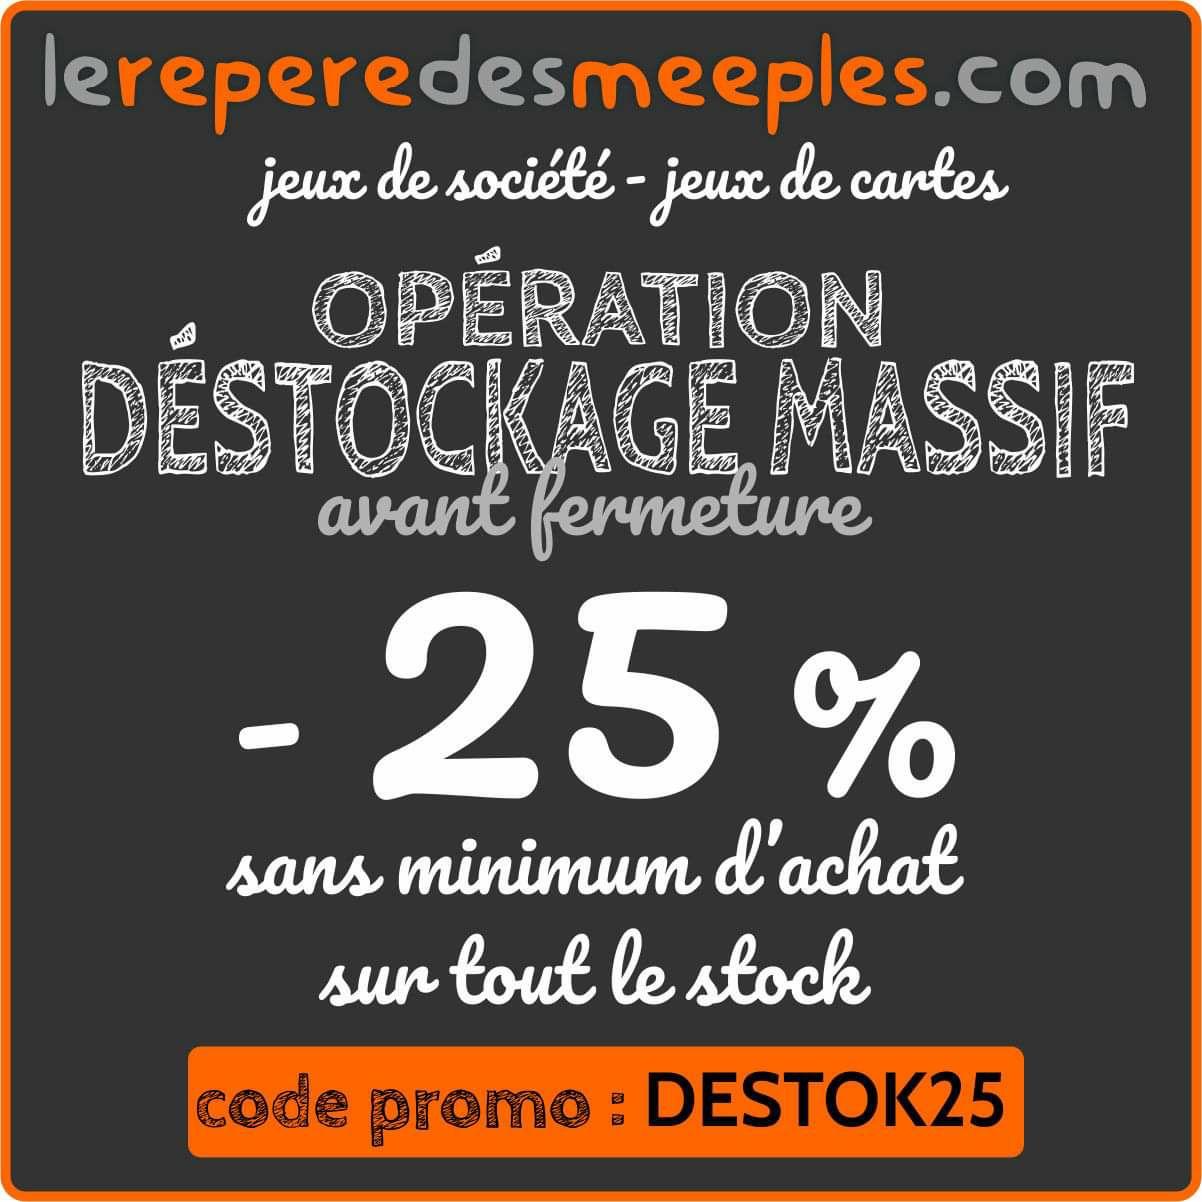 25% de réduction sur tout le site (lereperedesmeeples.com)